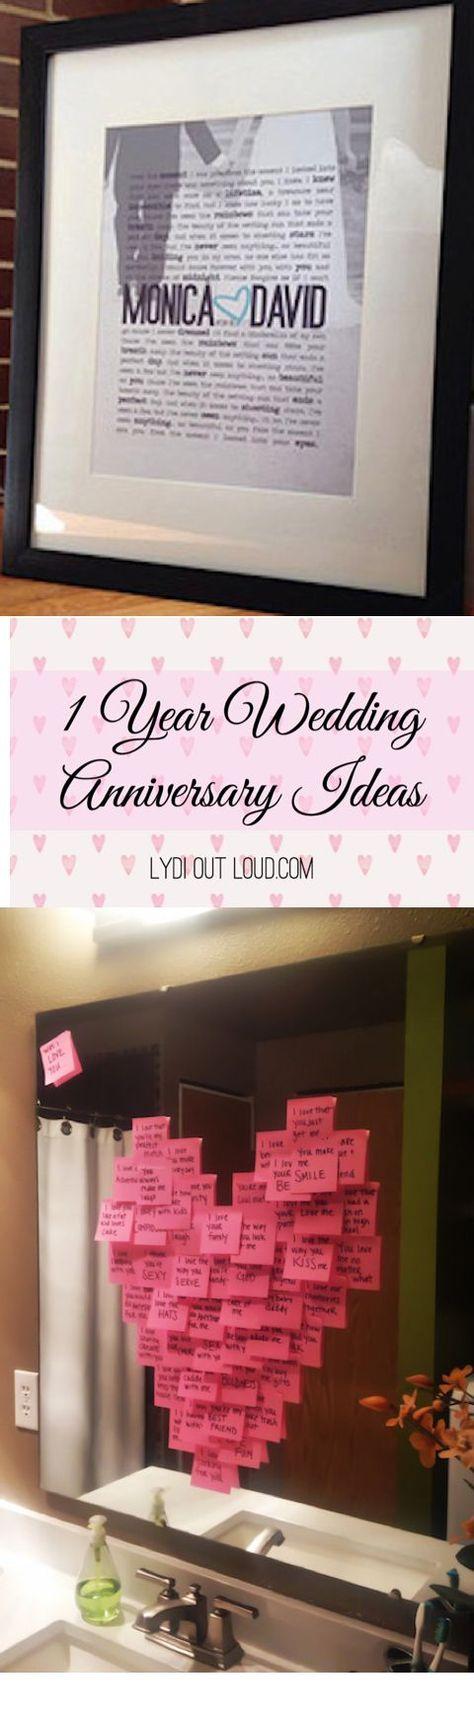 1 Year Anniversary Gift Ideas | Anniversaries, Anniversary gifts ...